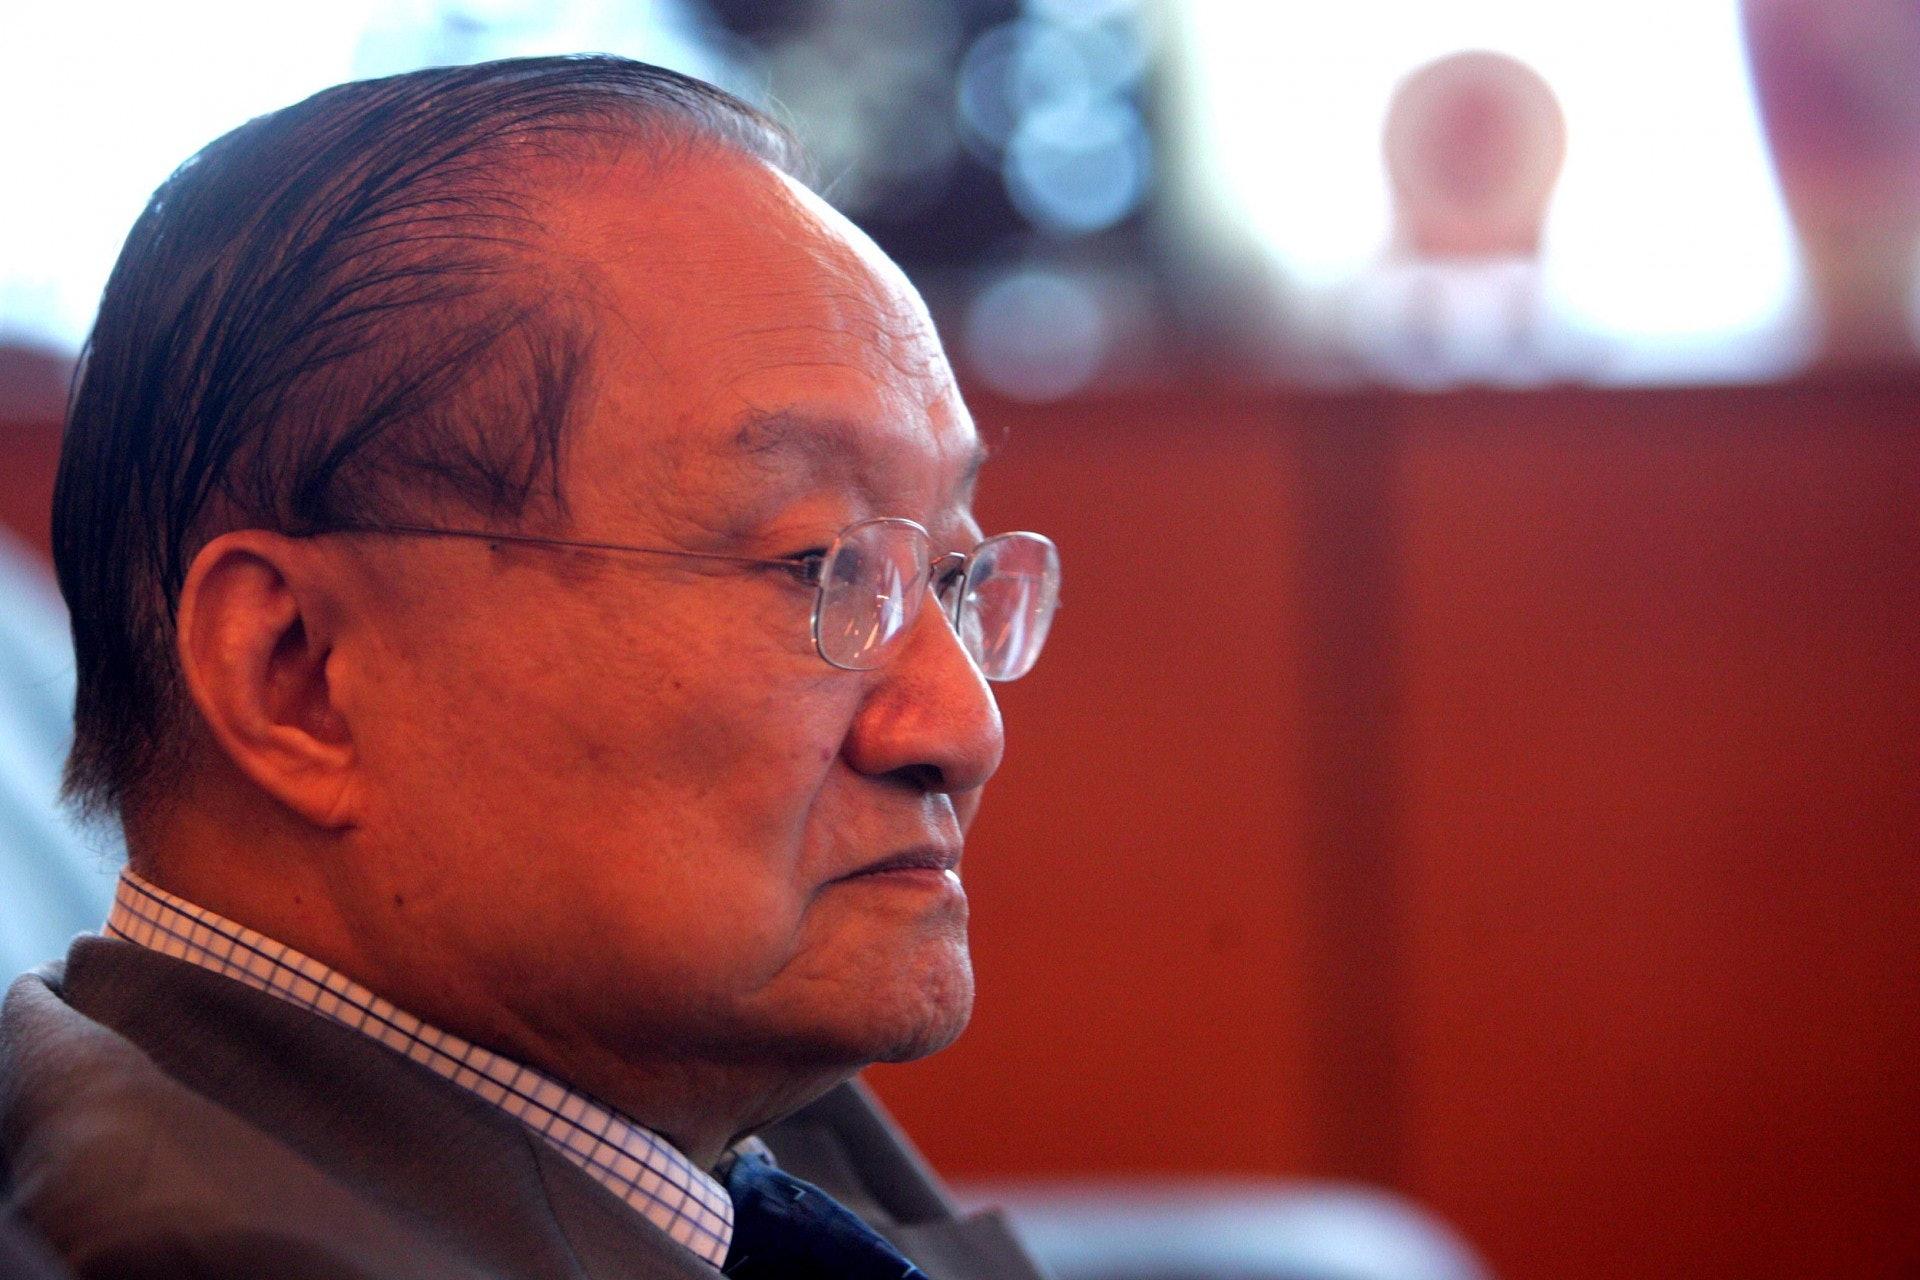 查良鏞先生10月30日病逝,享年94歲。(VCG)